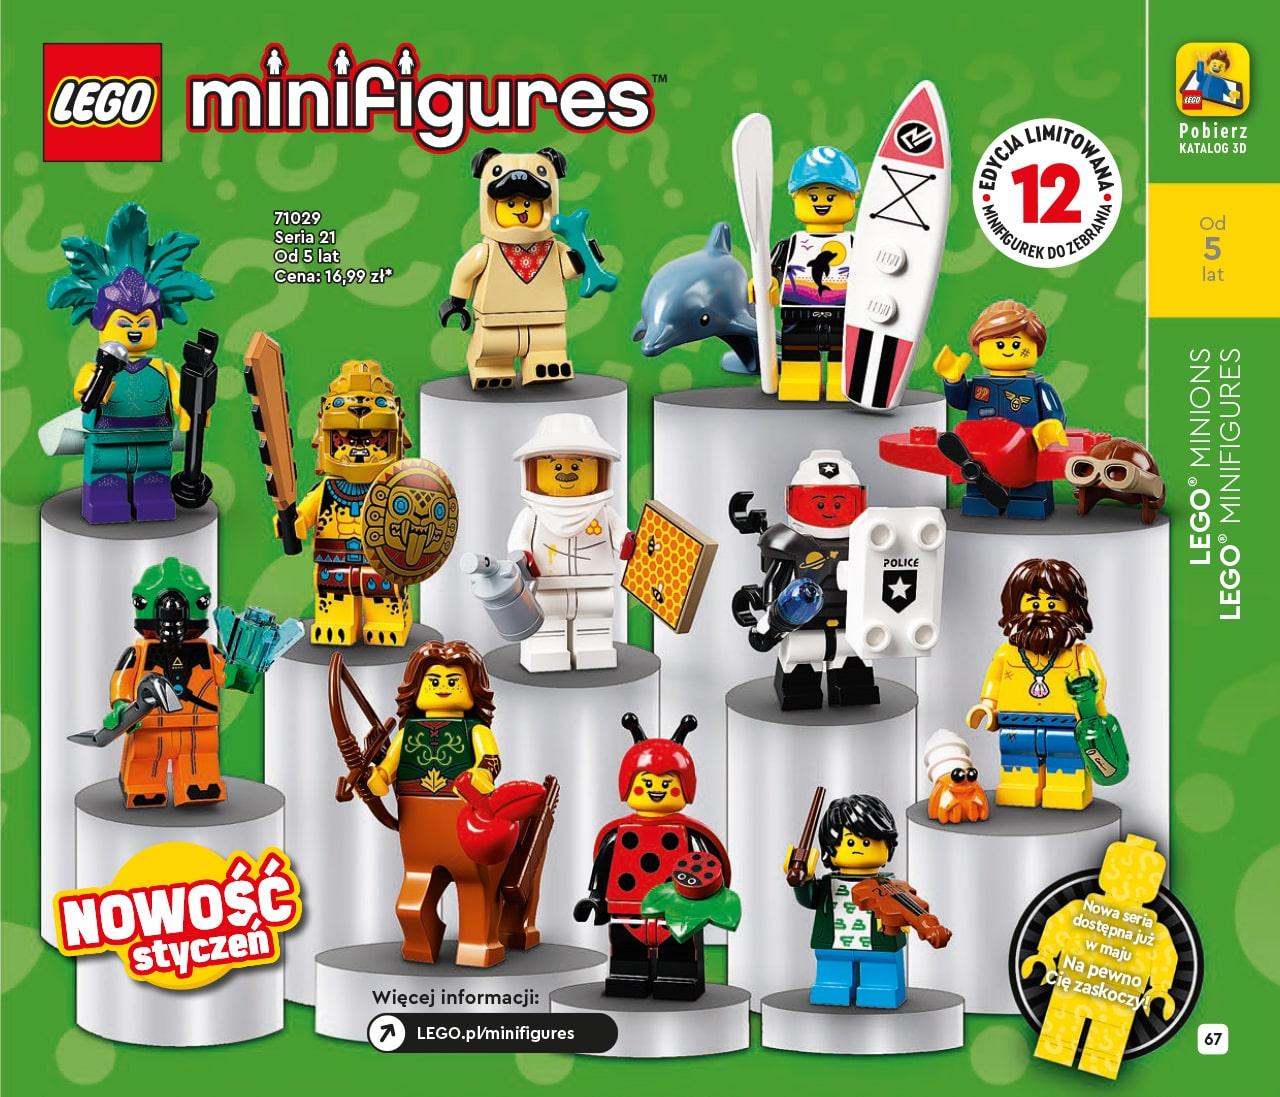 Katalog LEGO styczeń-maj 2021 - wersja polska - 67 - LEGO Minifigures